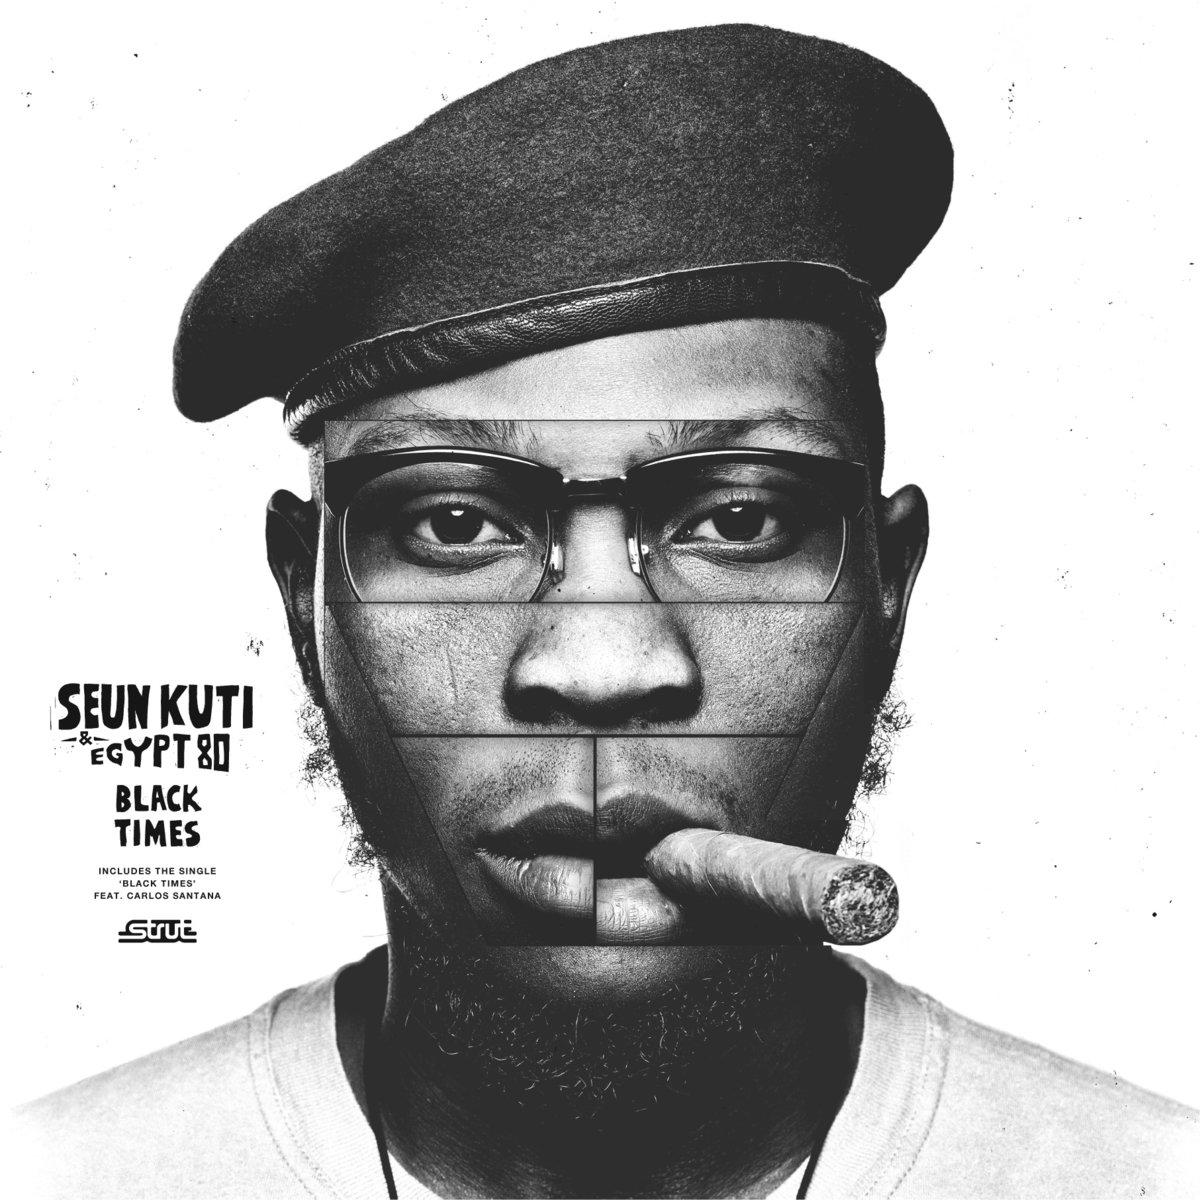 cover-seun-kuti-egypt-80-black-times-201